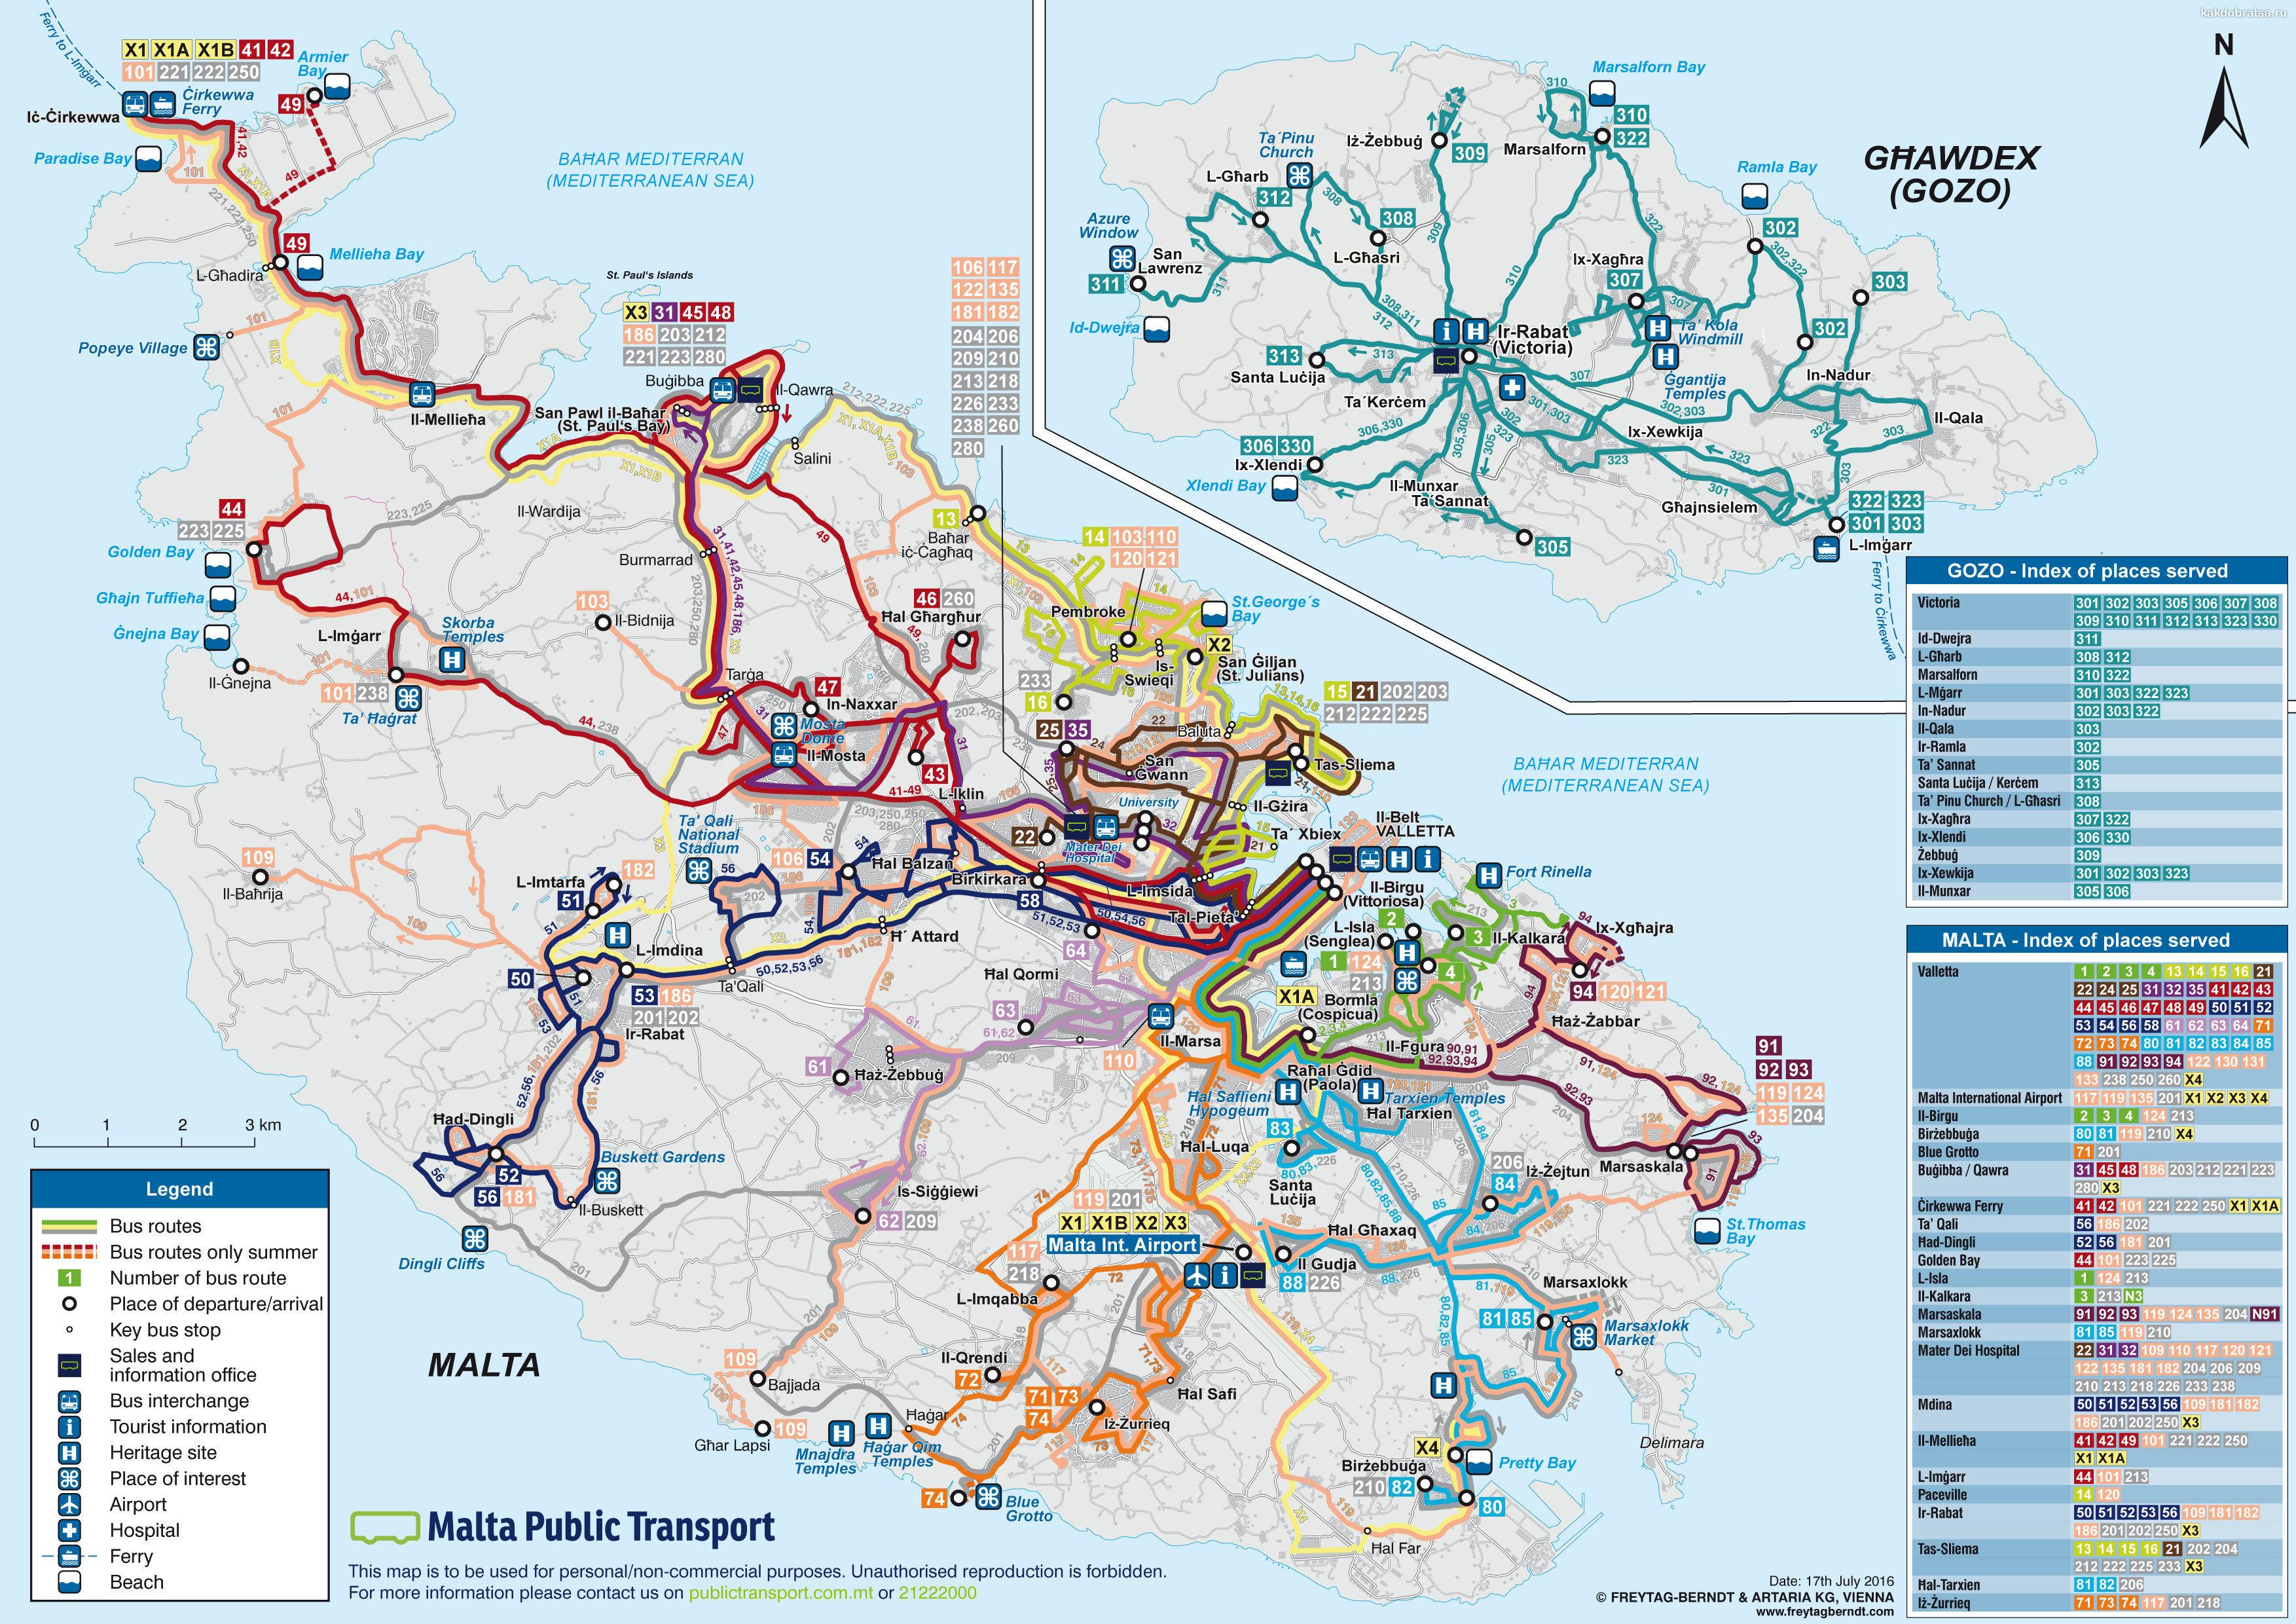 Карта автобусных маршрутов и транспорта на Мальте